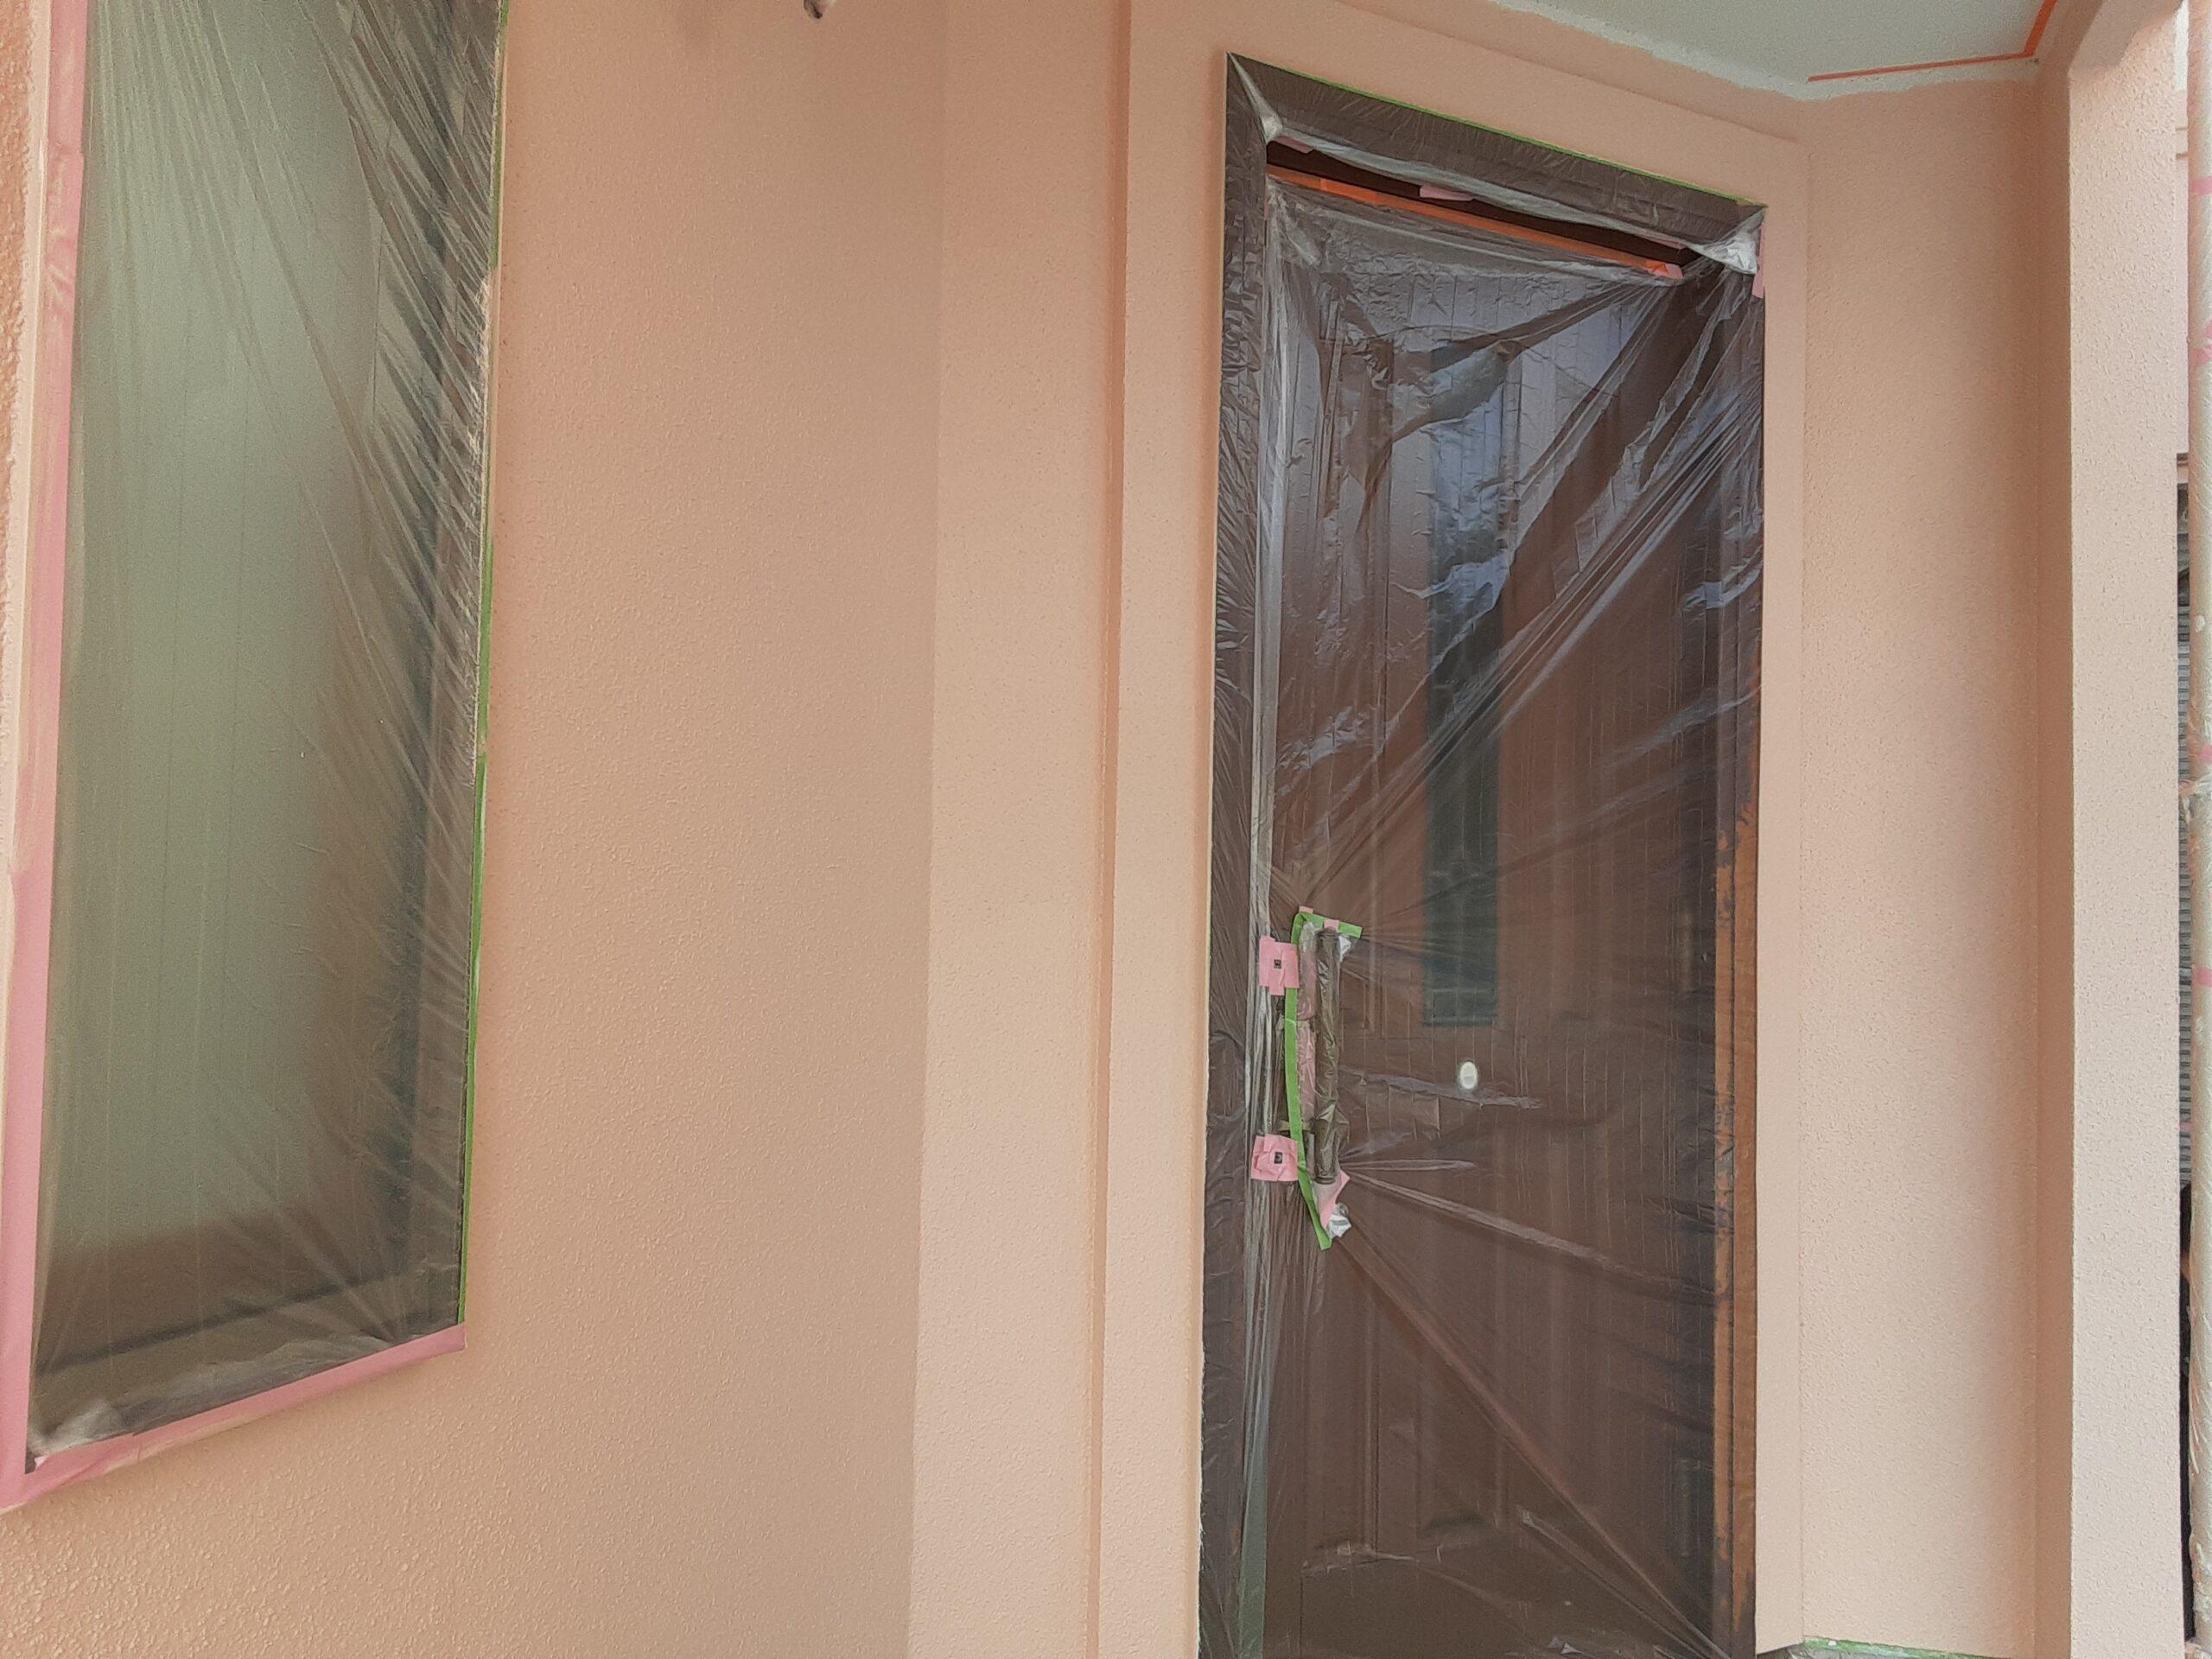 埼玉県さいたま市 外壁仕上げ塗装/さいたま市大宮区の(木造2階建て)W様邸にて塗り替えリホーム中